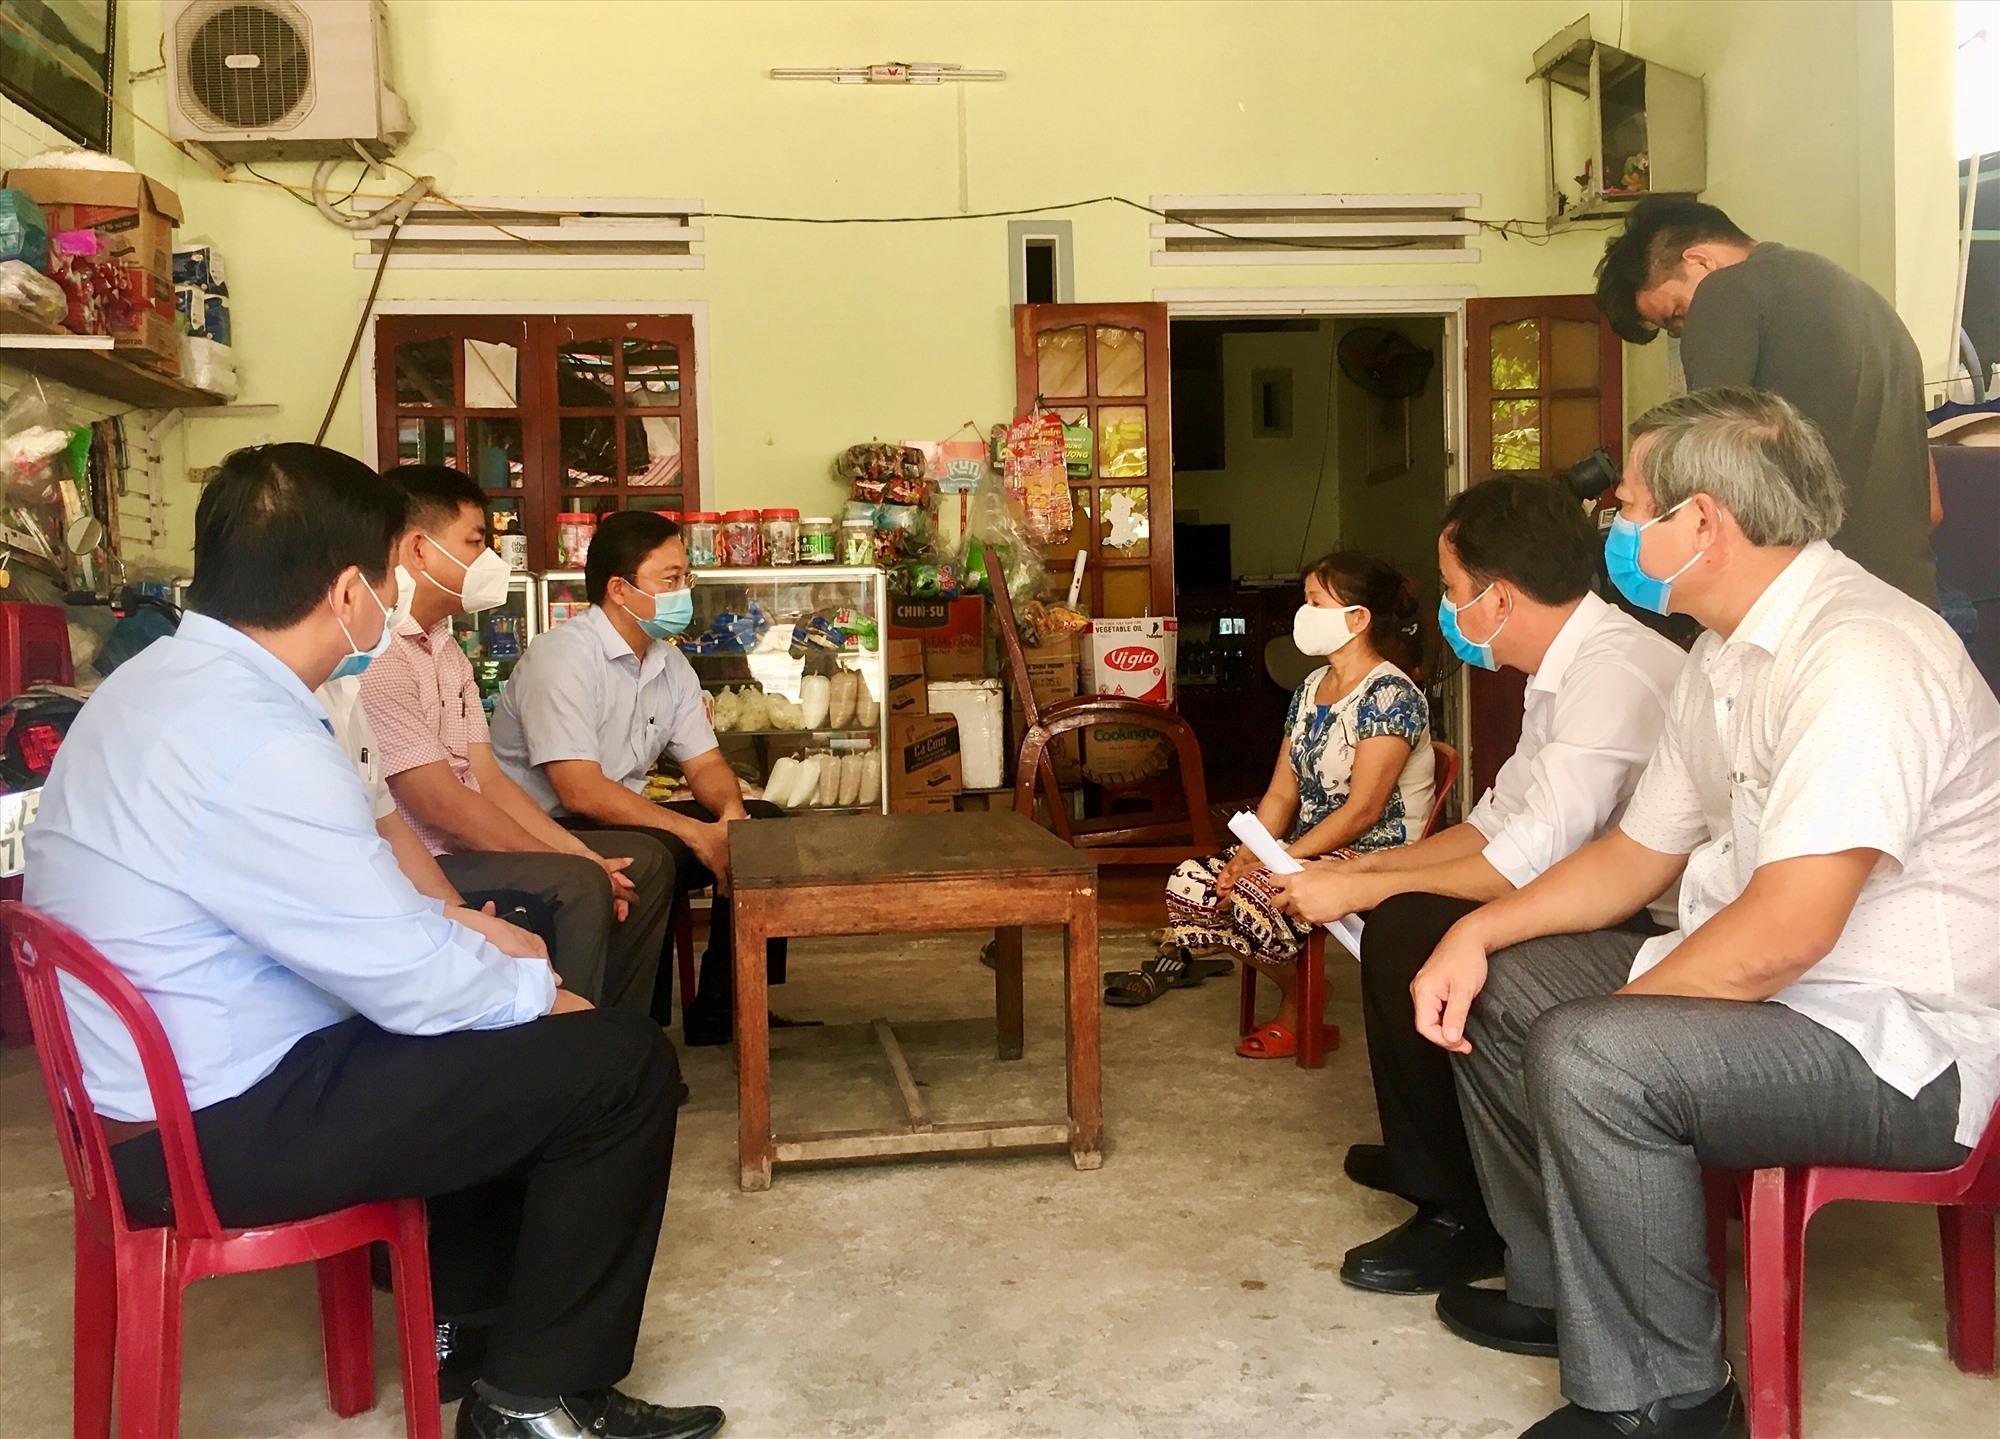 Chủ tịch UBND tỉnh Lê Trí Thanh kiểm tra thực tế tại một hộ dân nhận hỗ trợ theo Nghị quyết 42 tại thôn Phước Viên, xã Quế Trung.